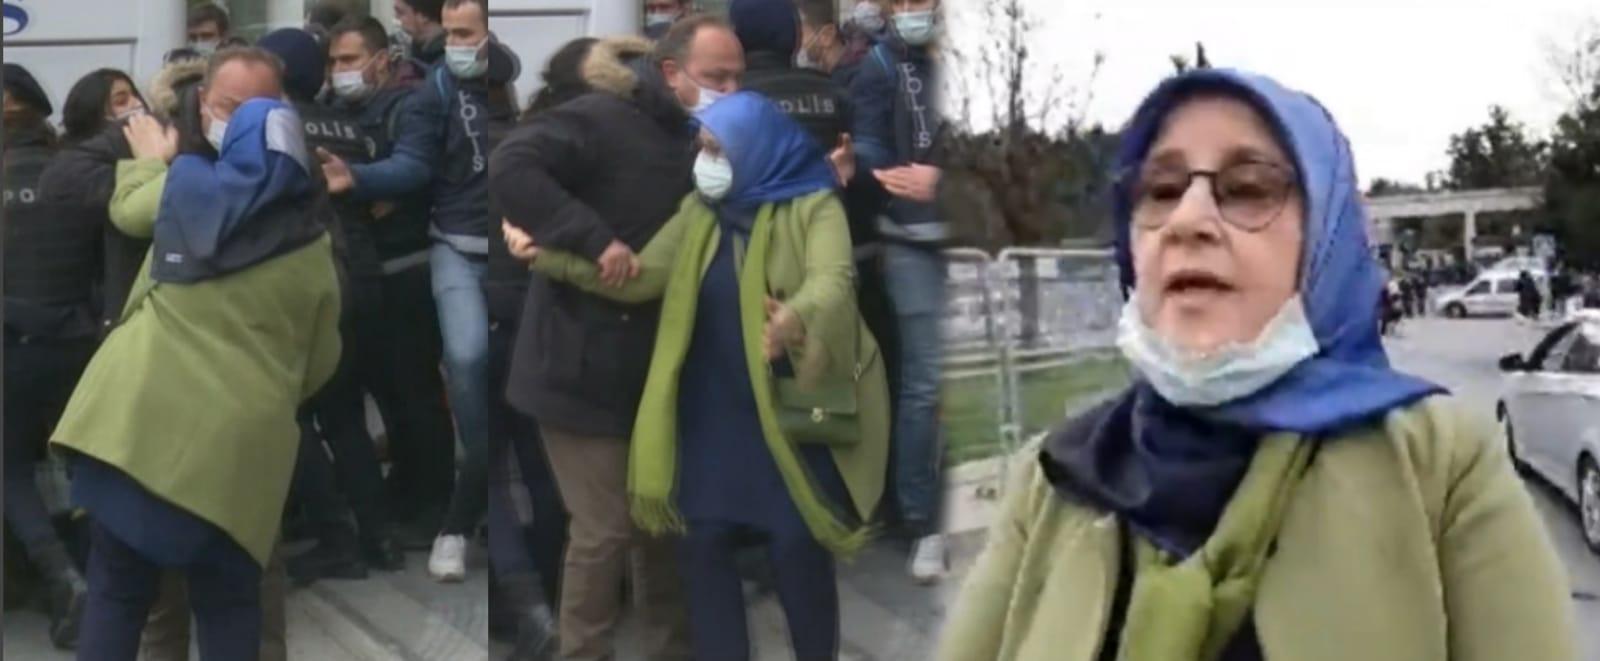 28 Şubat'ın başörtüsü savunucusu Hüda Kaya, Velevki hakaret etsinler'' sözleriyle Kabe tahrikçilerine destek verdi